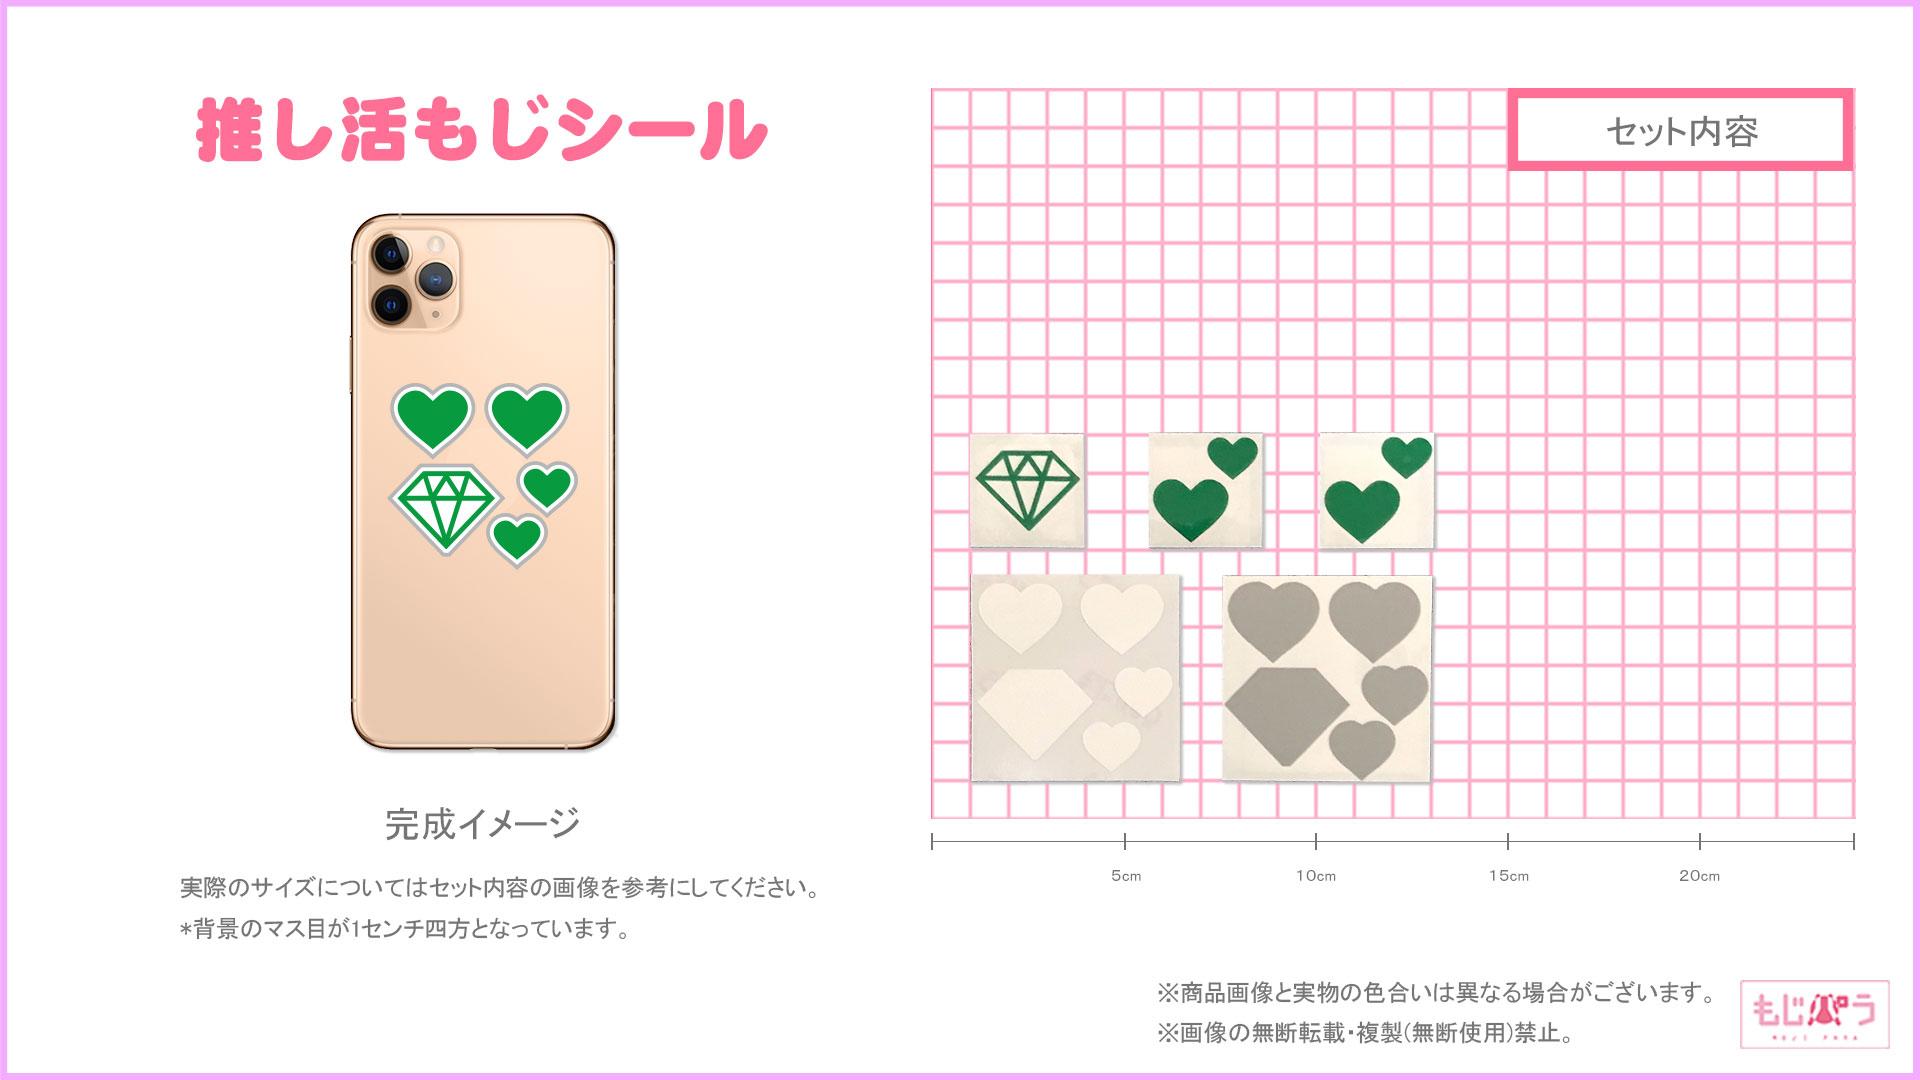 推し活もじシール デコるー 4S  ダイヤセット1 緑画像